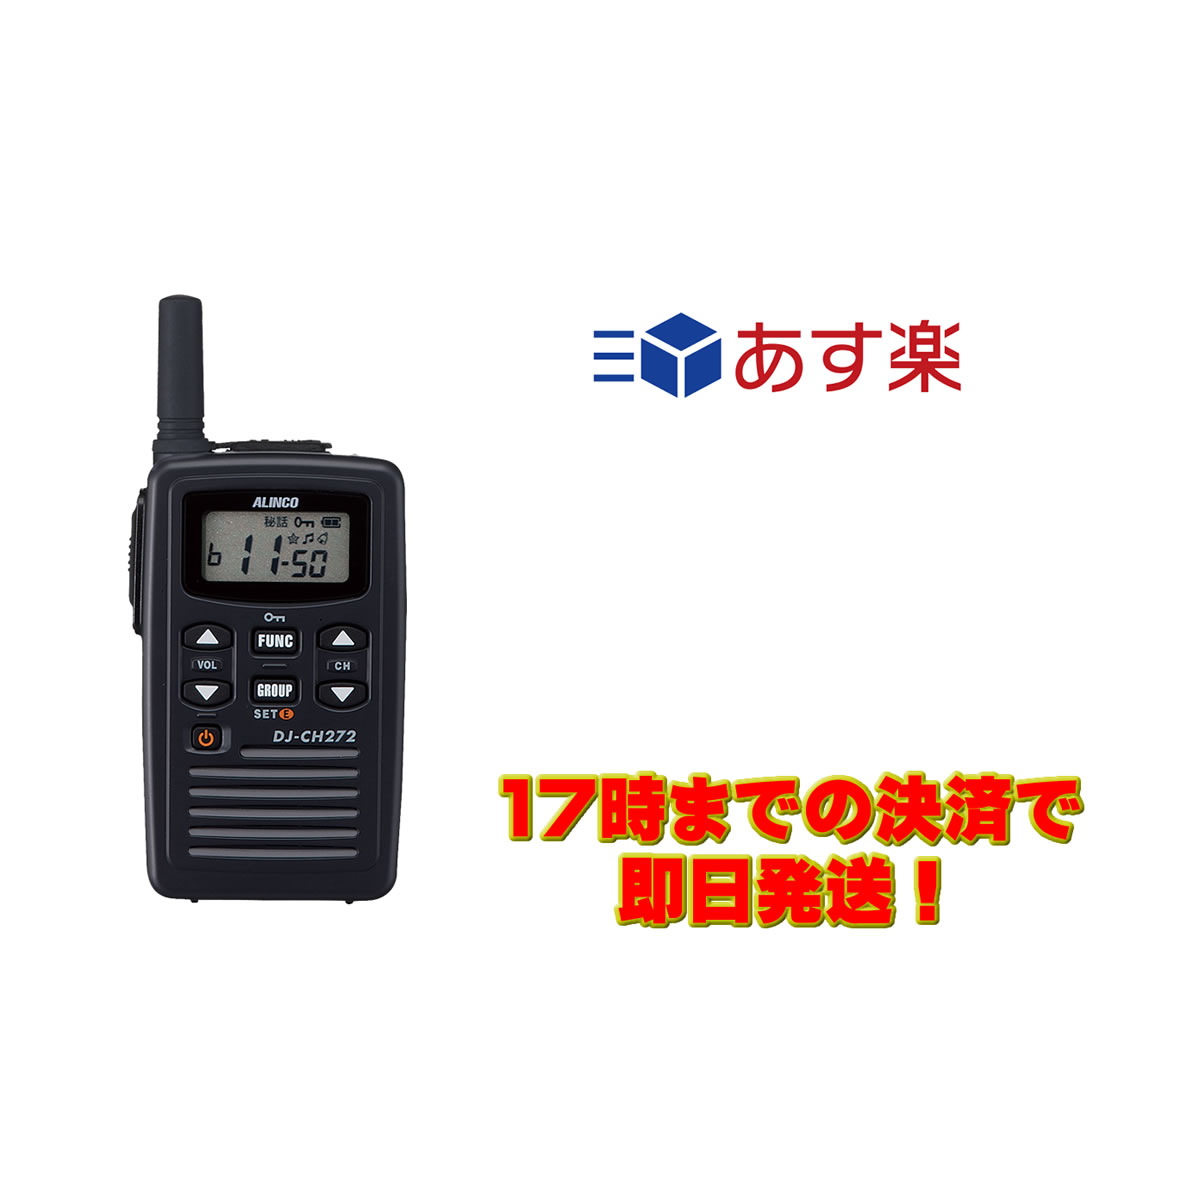 【ラッキーシール対応】 DJ-CH272S アルインコ 防沫型 特定小電力トランシーバー